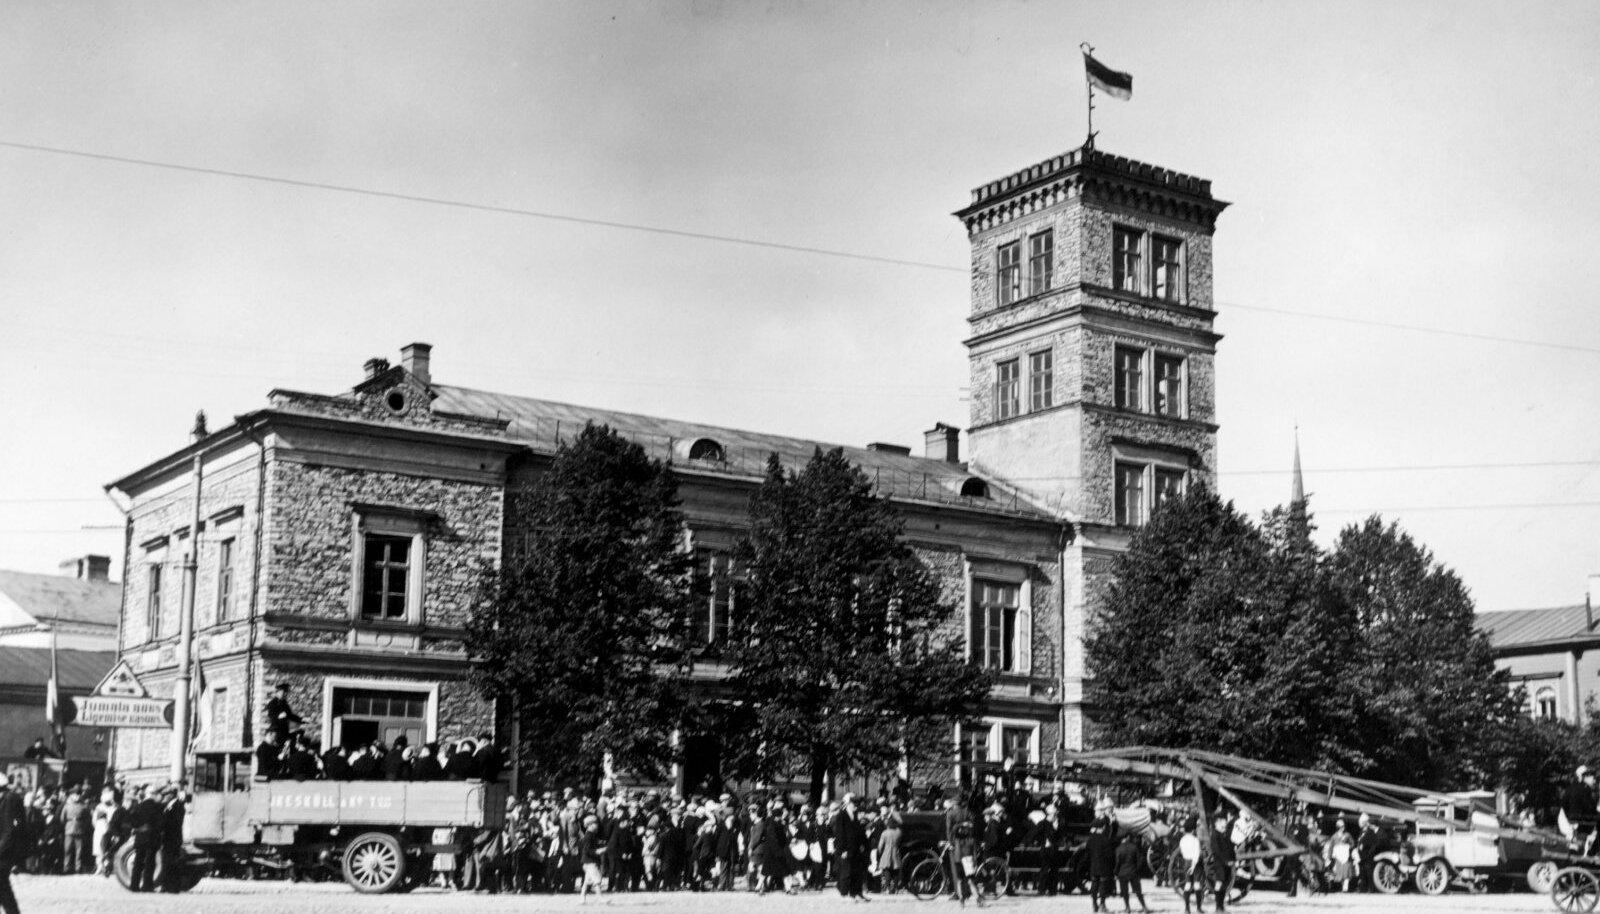 KOGUNEMISPUNKT: Tallinna pritsimaja, kus töölised koosolekuid pidasid ja kust sai 25. novembril 1930 alguse suur meeleavaldus. Fotol tuletõrjujate üritus samast aastast.